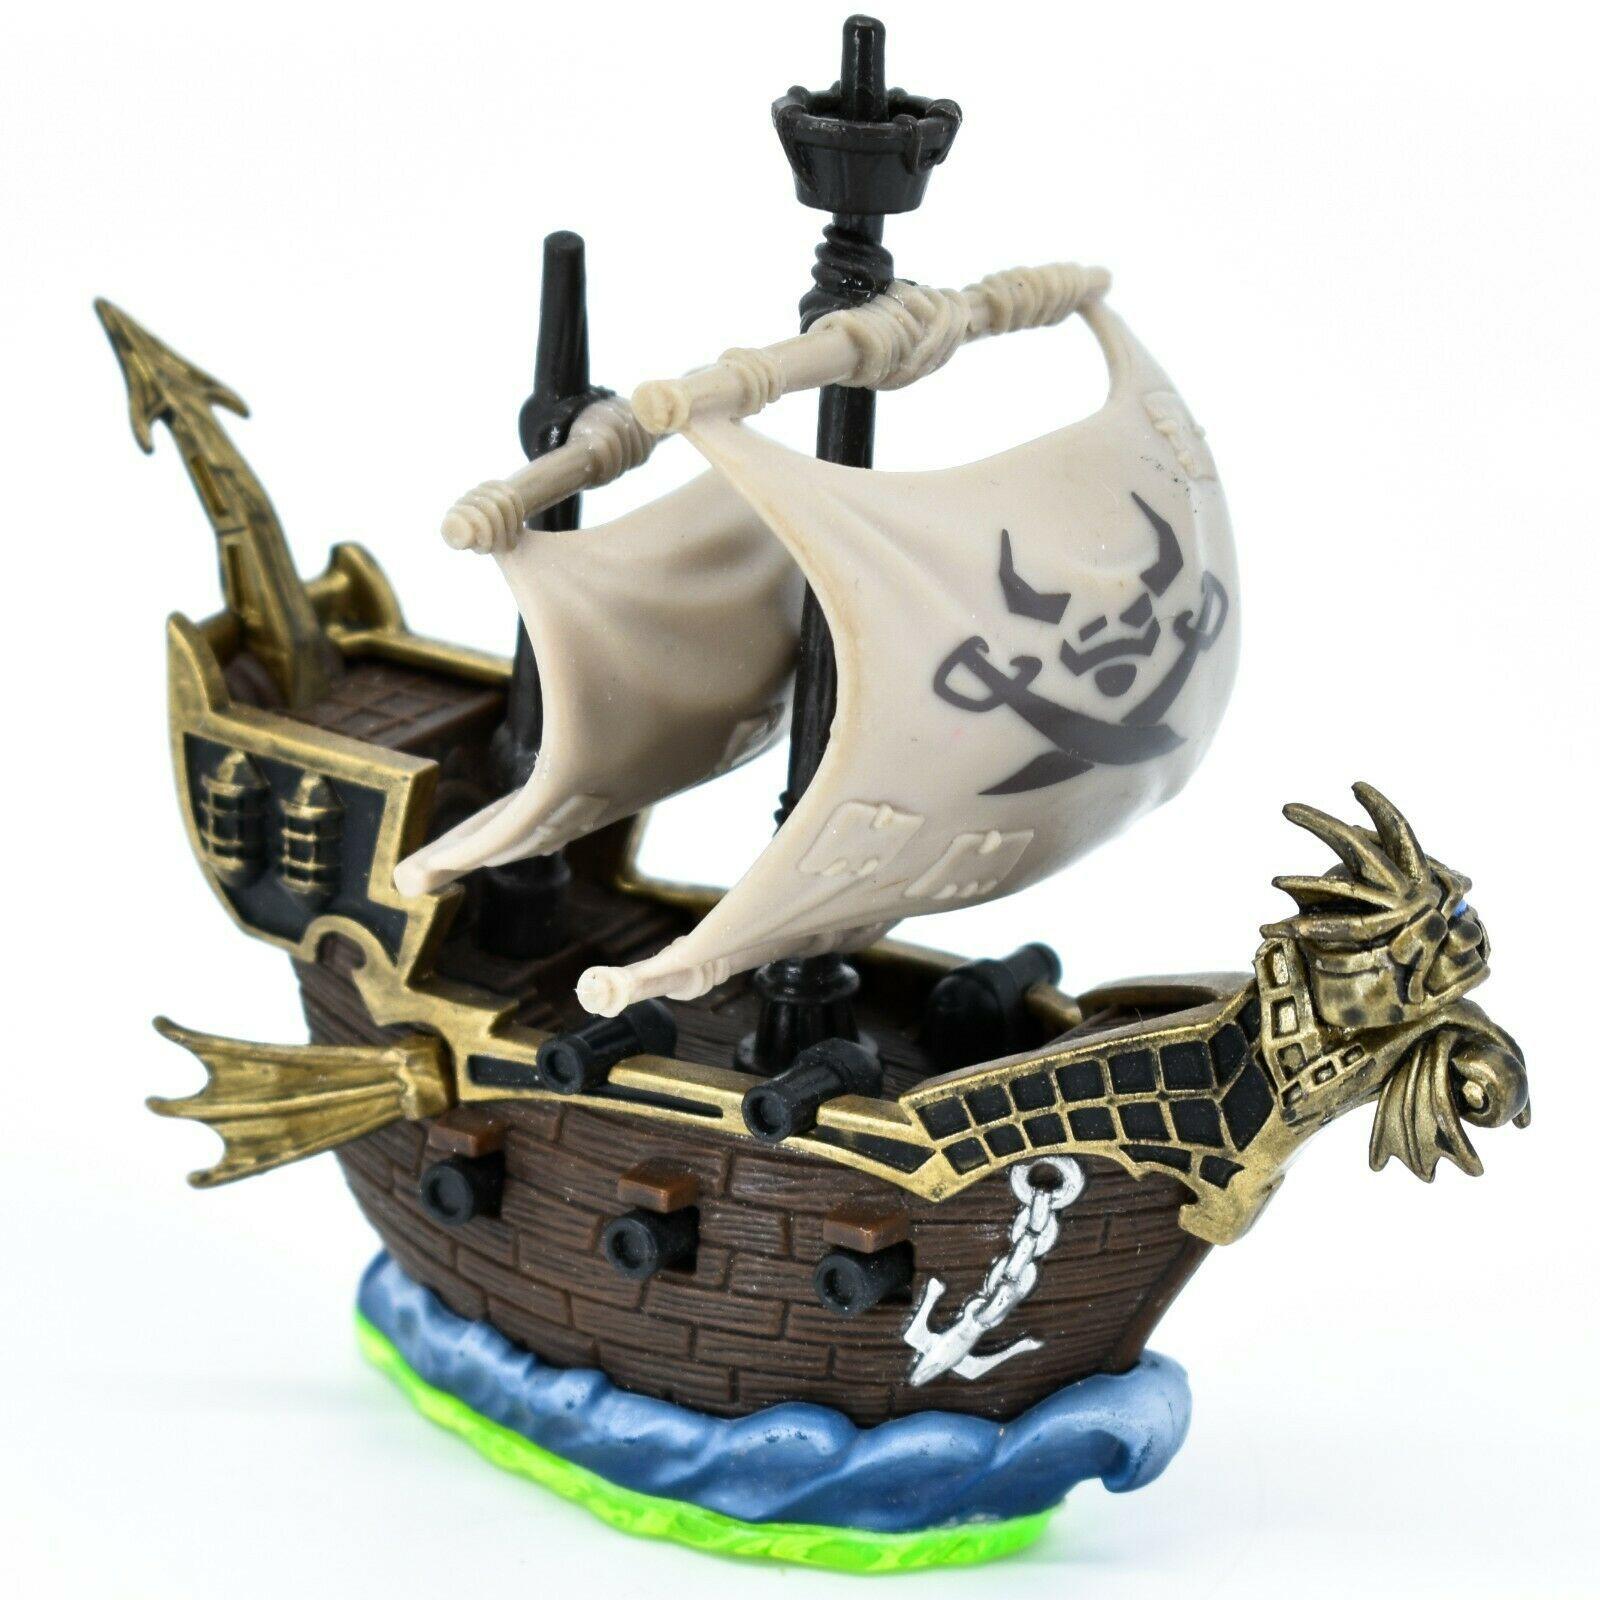 Activision Skylanders Spyro's Adventure Pirate Seas Galleon Ship Level Loose